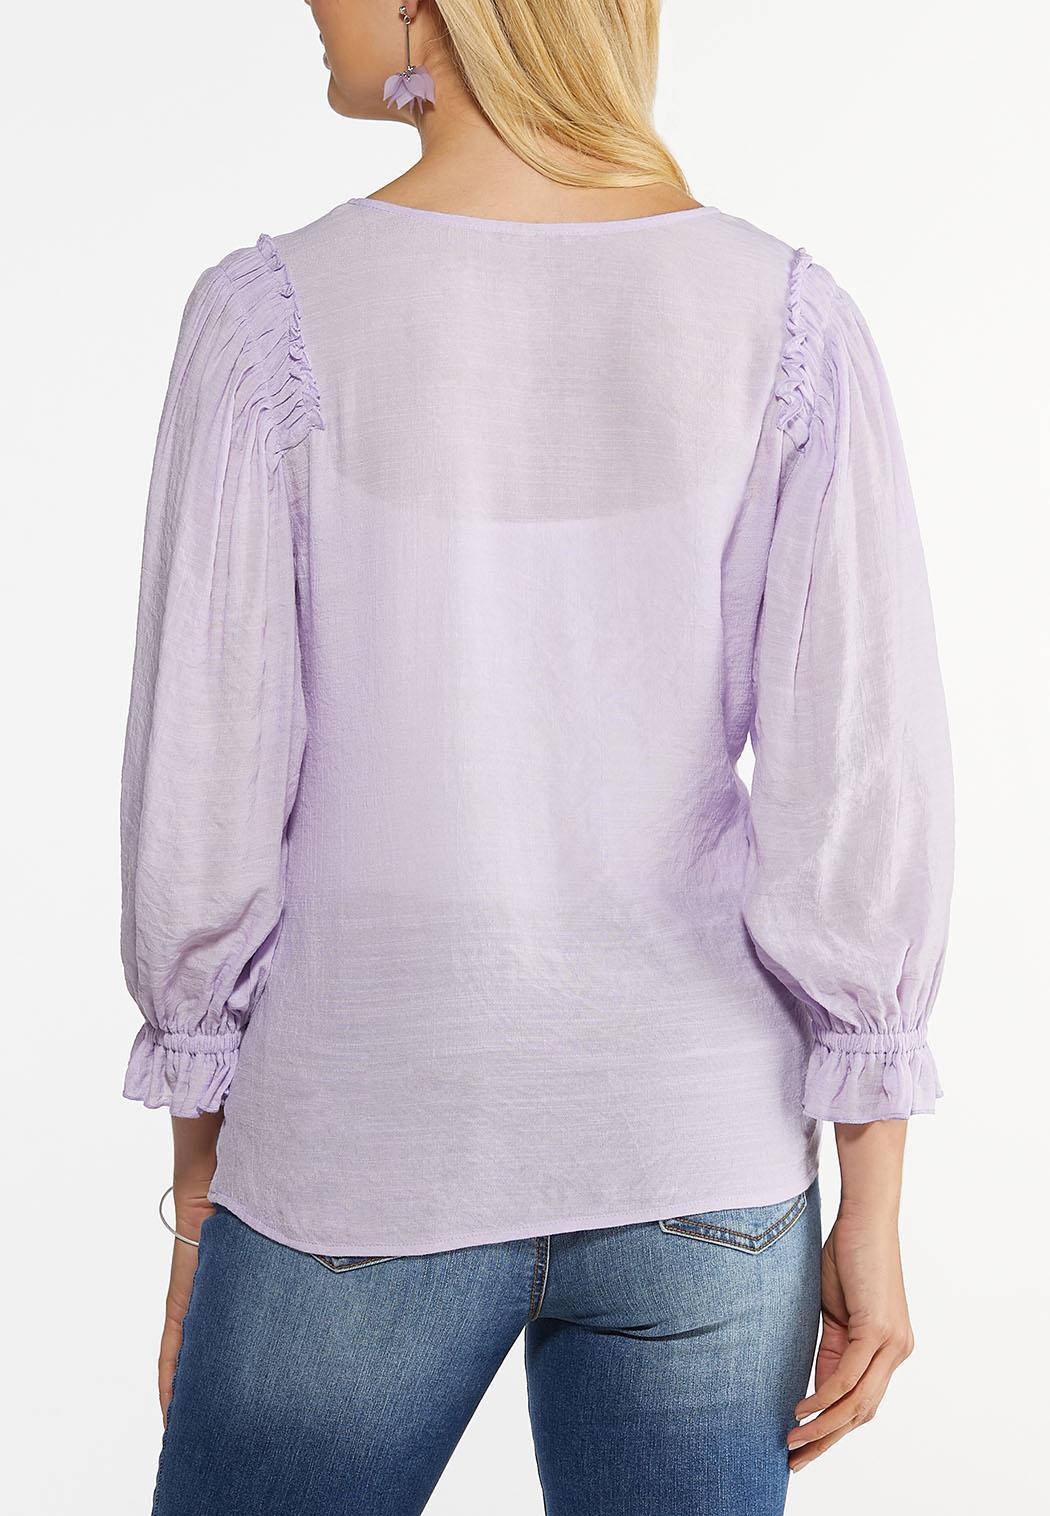 Lavender Ruffled Sleeve Top (Item #44465229)